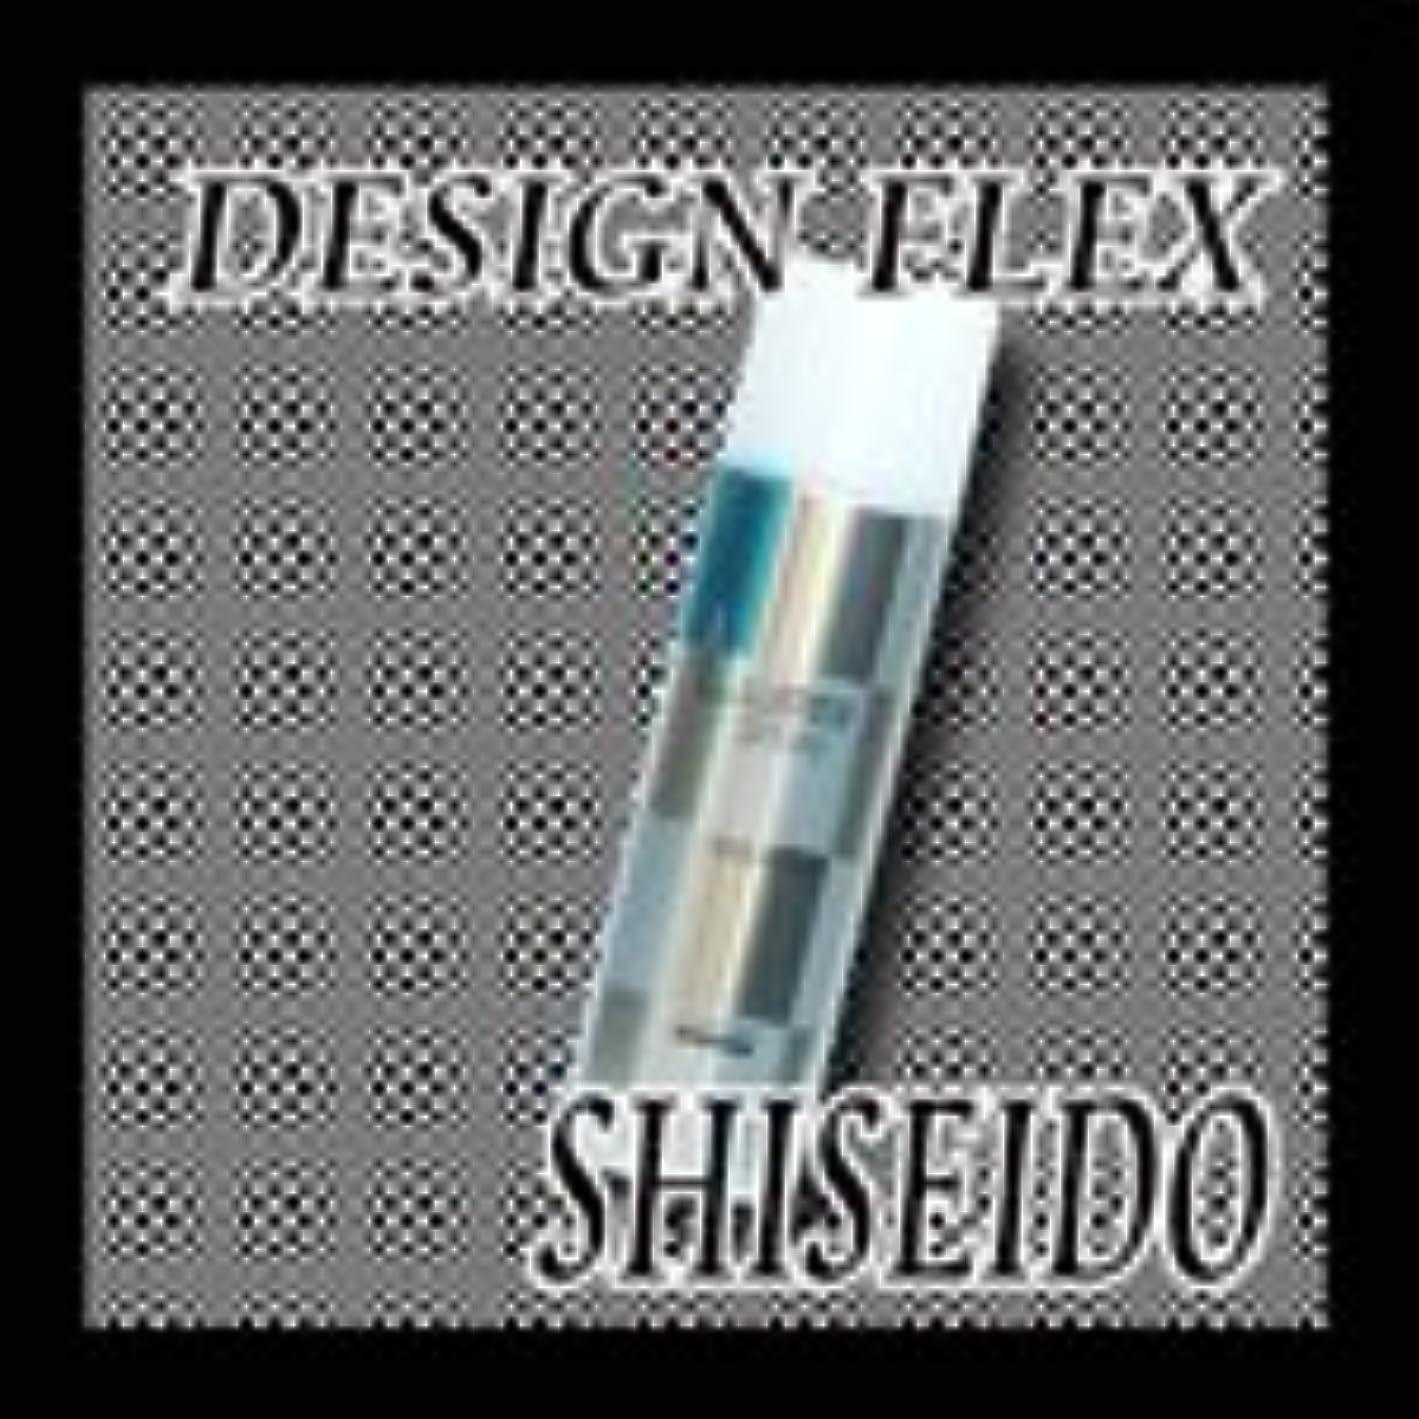 学習者エイズ排除するSHISEIDO 資生堂 プロフェッショナル DESIGN FLEX デザインフレックス ラスタースプレー215g